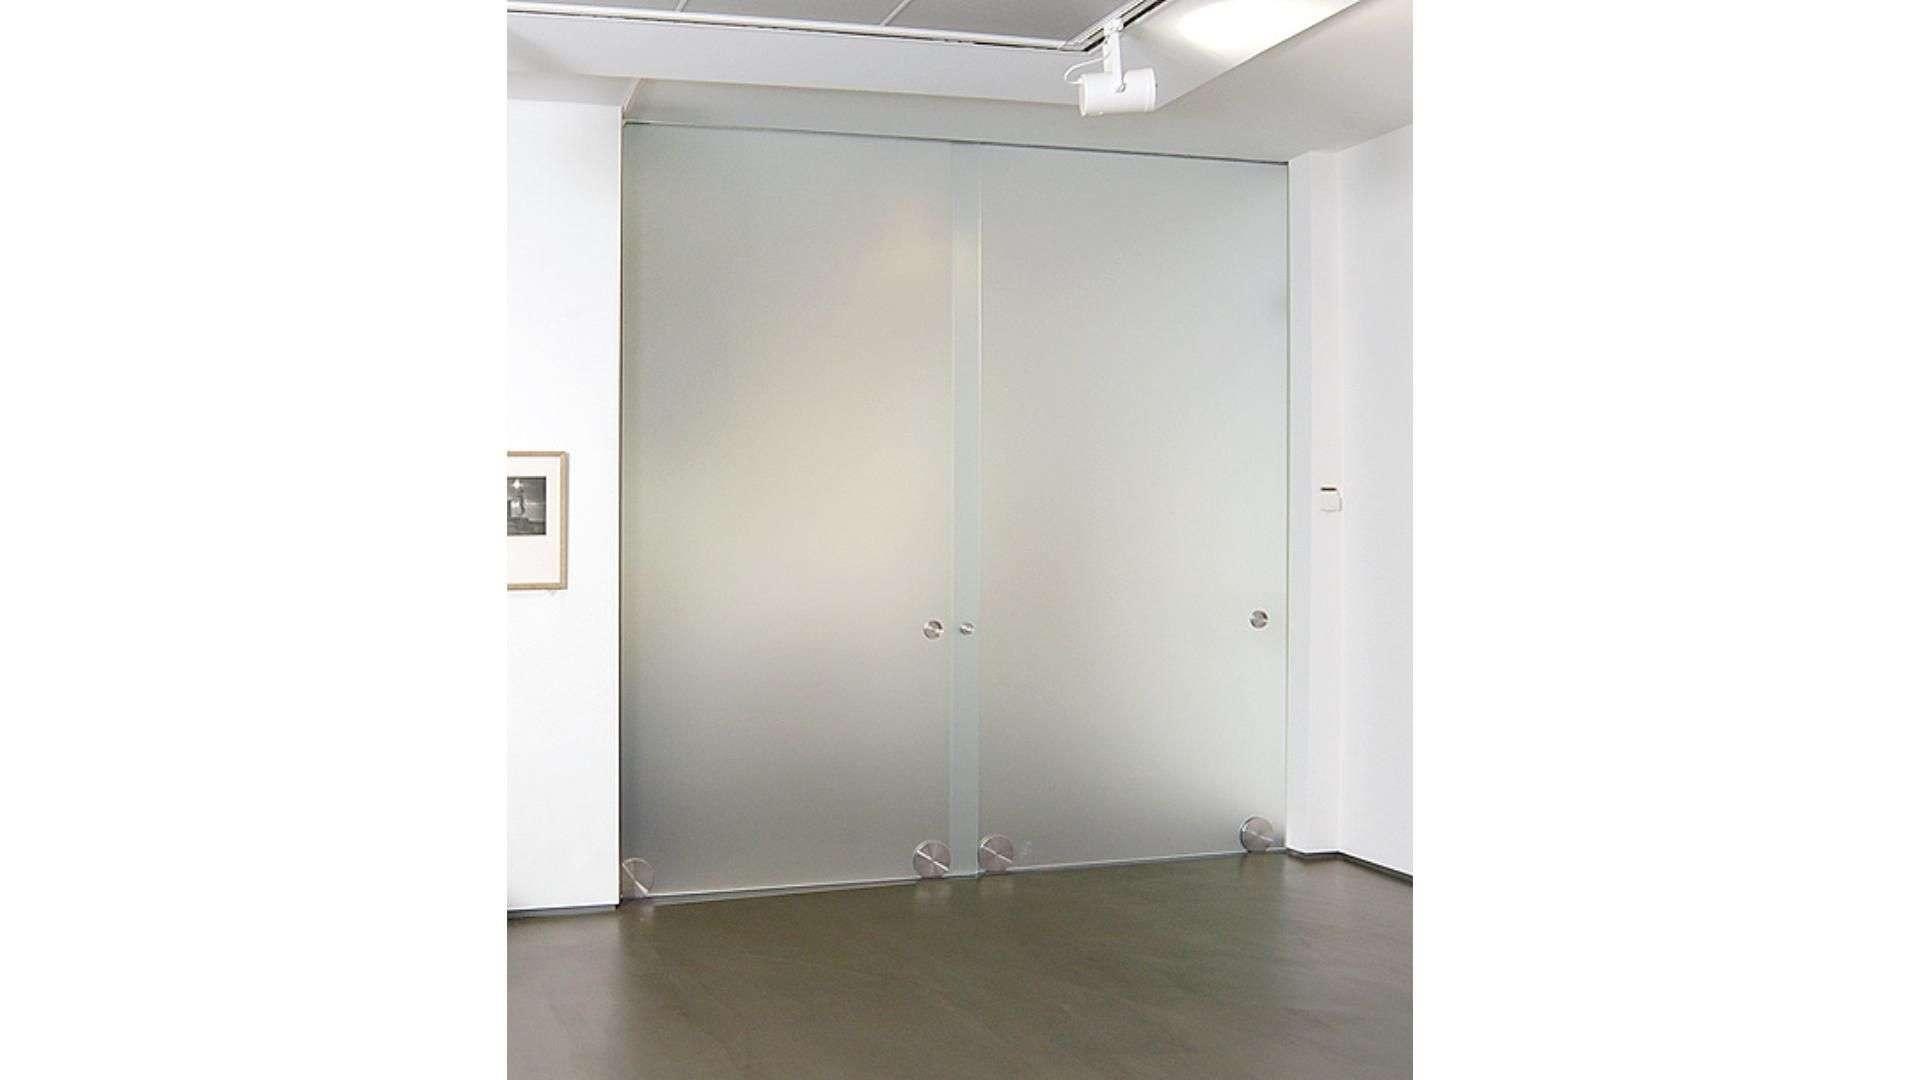 Glas-Schiebetür in einem Raum